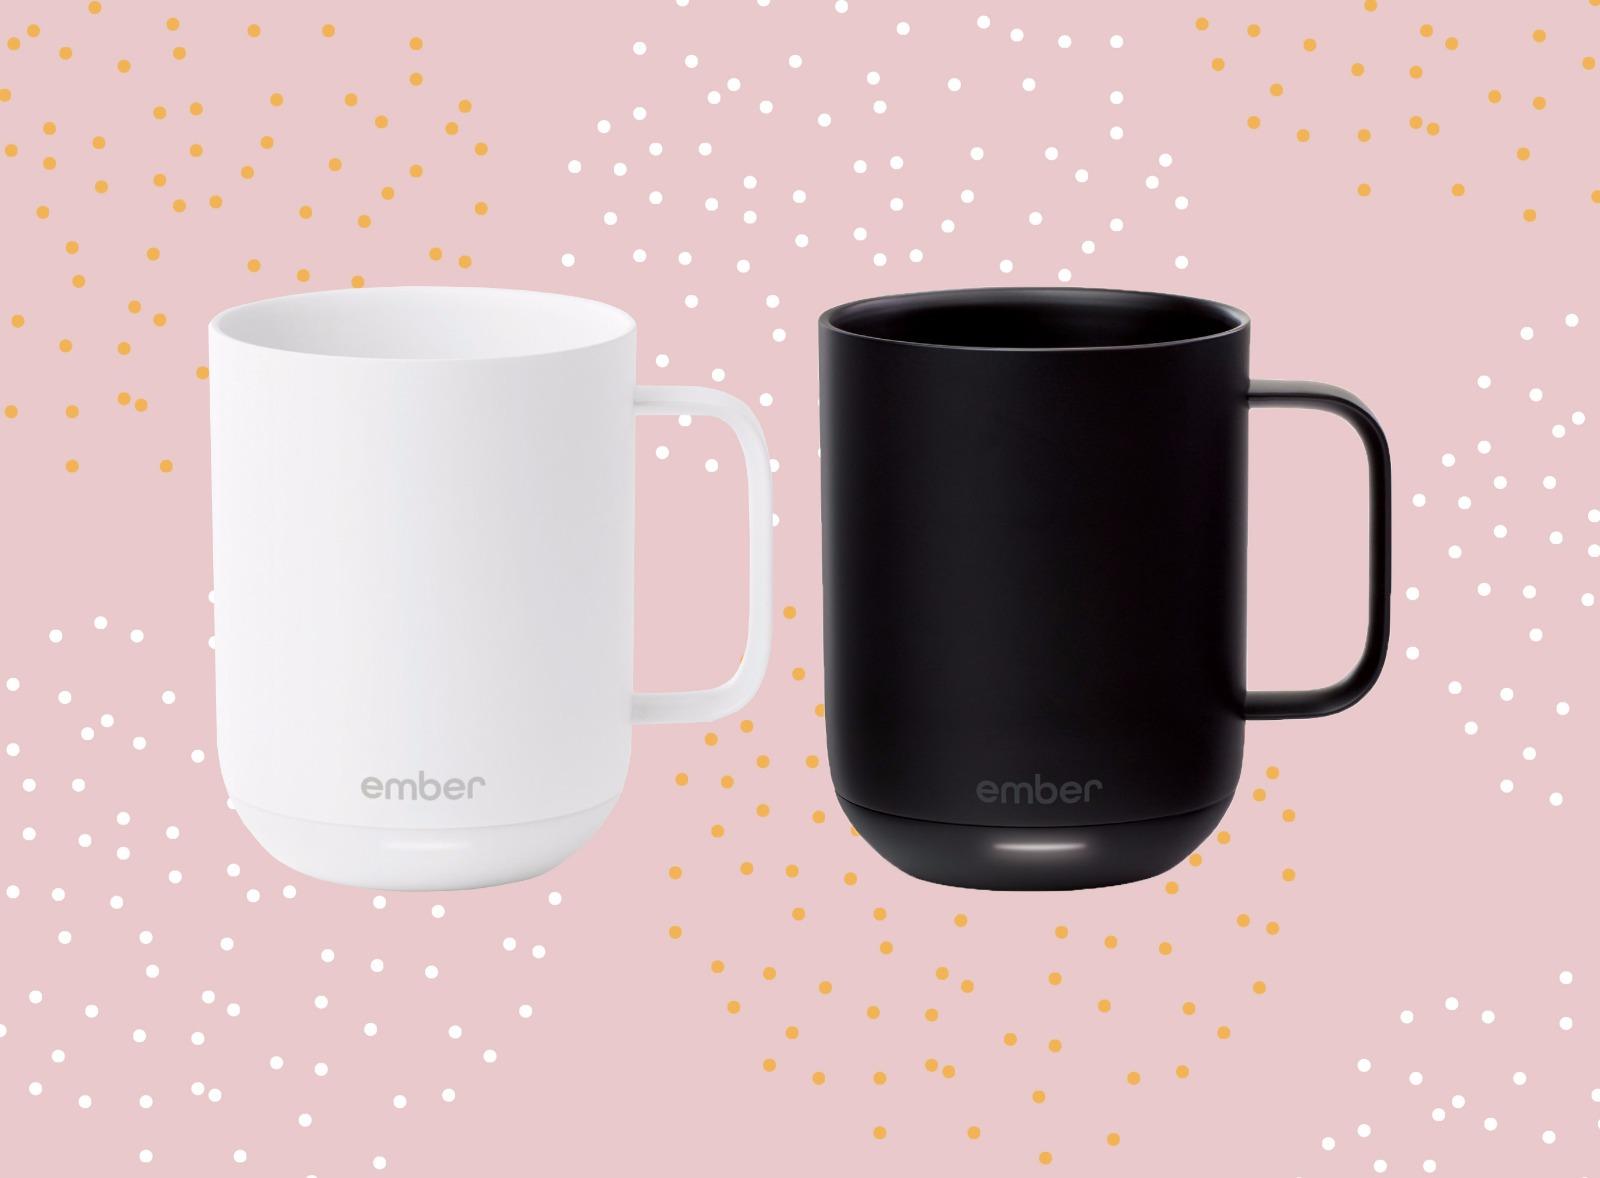 Ember digital warming mug